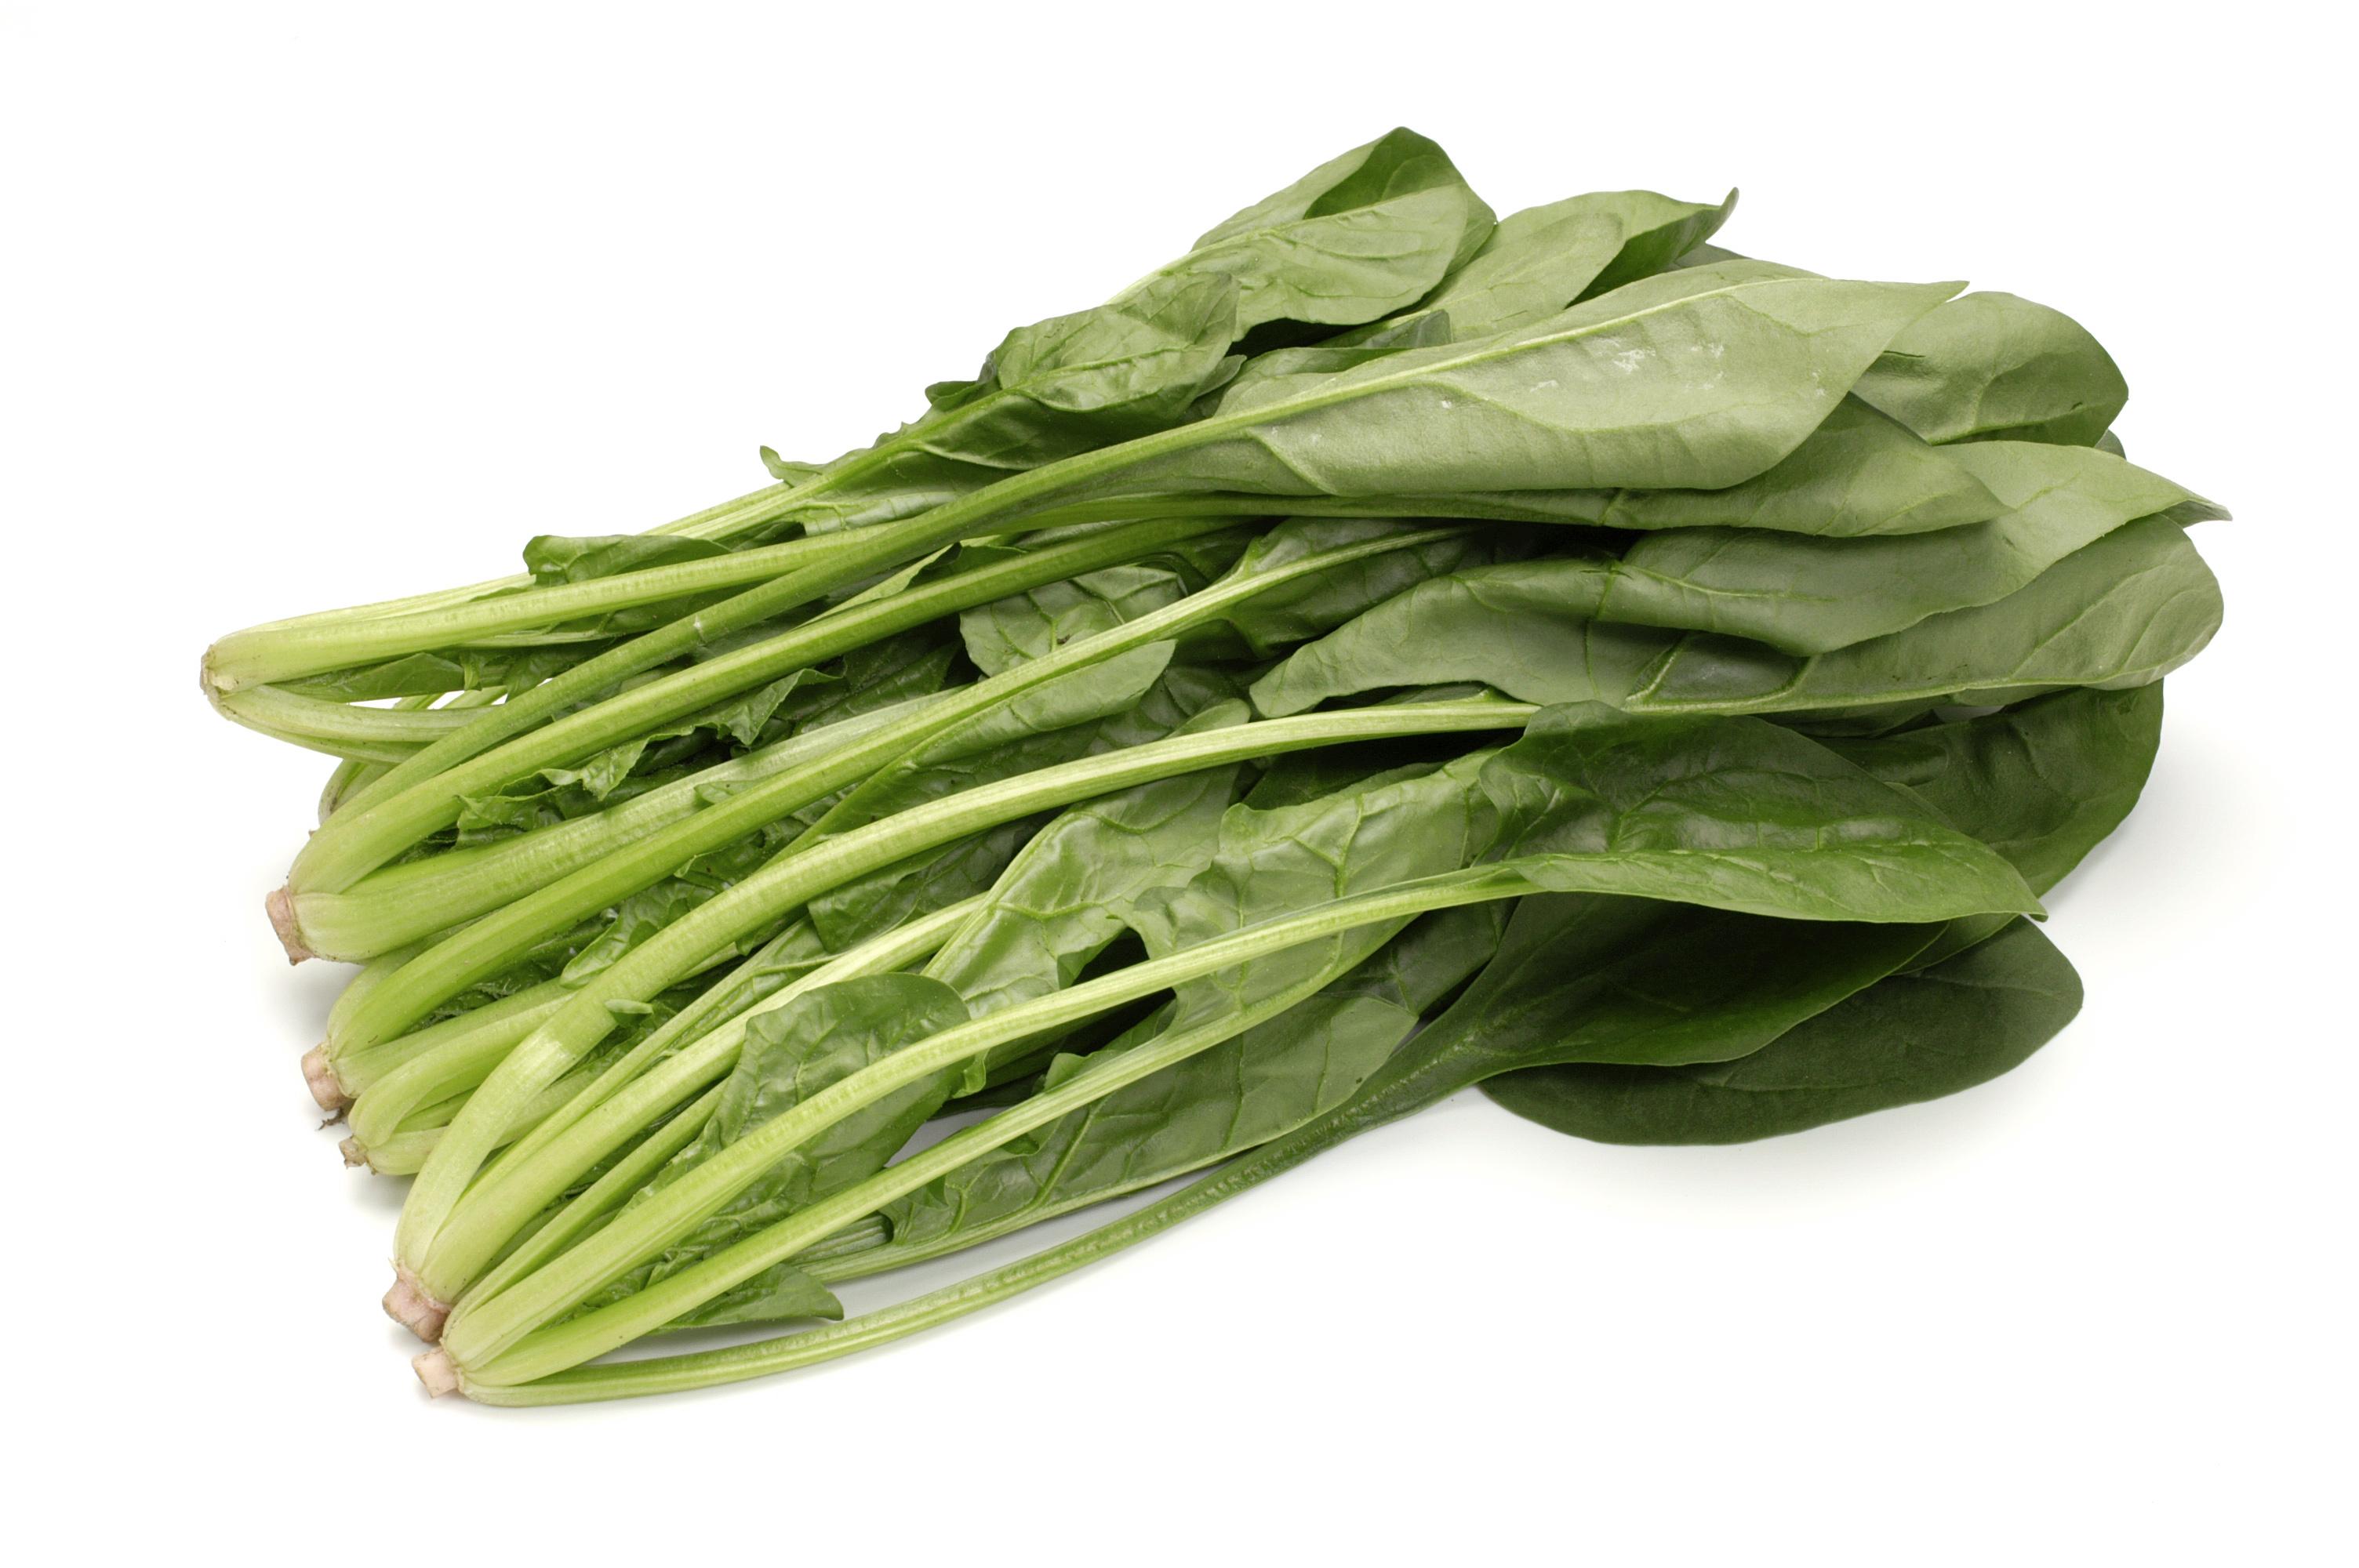 野菜のエグミについて、スムージーは危険?